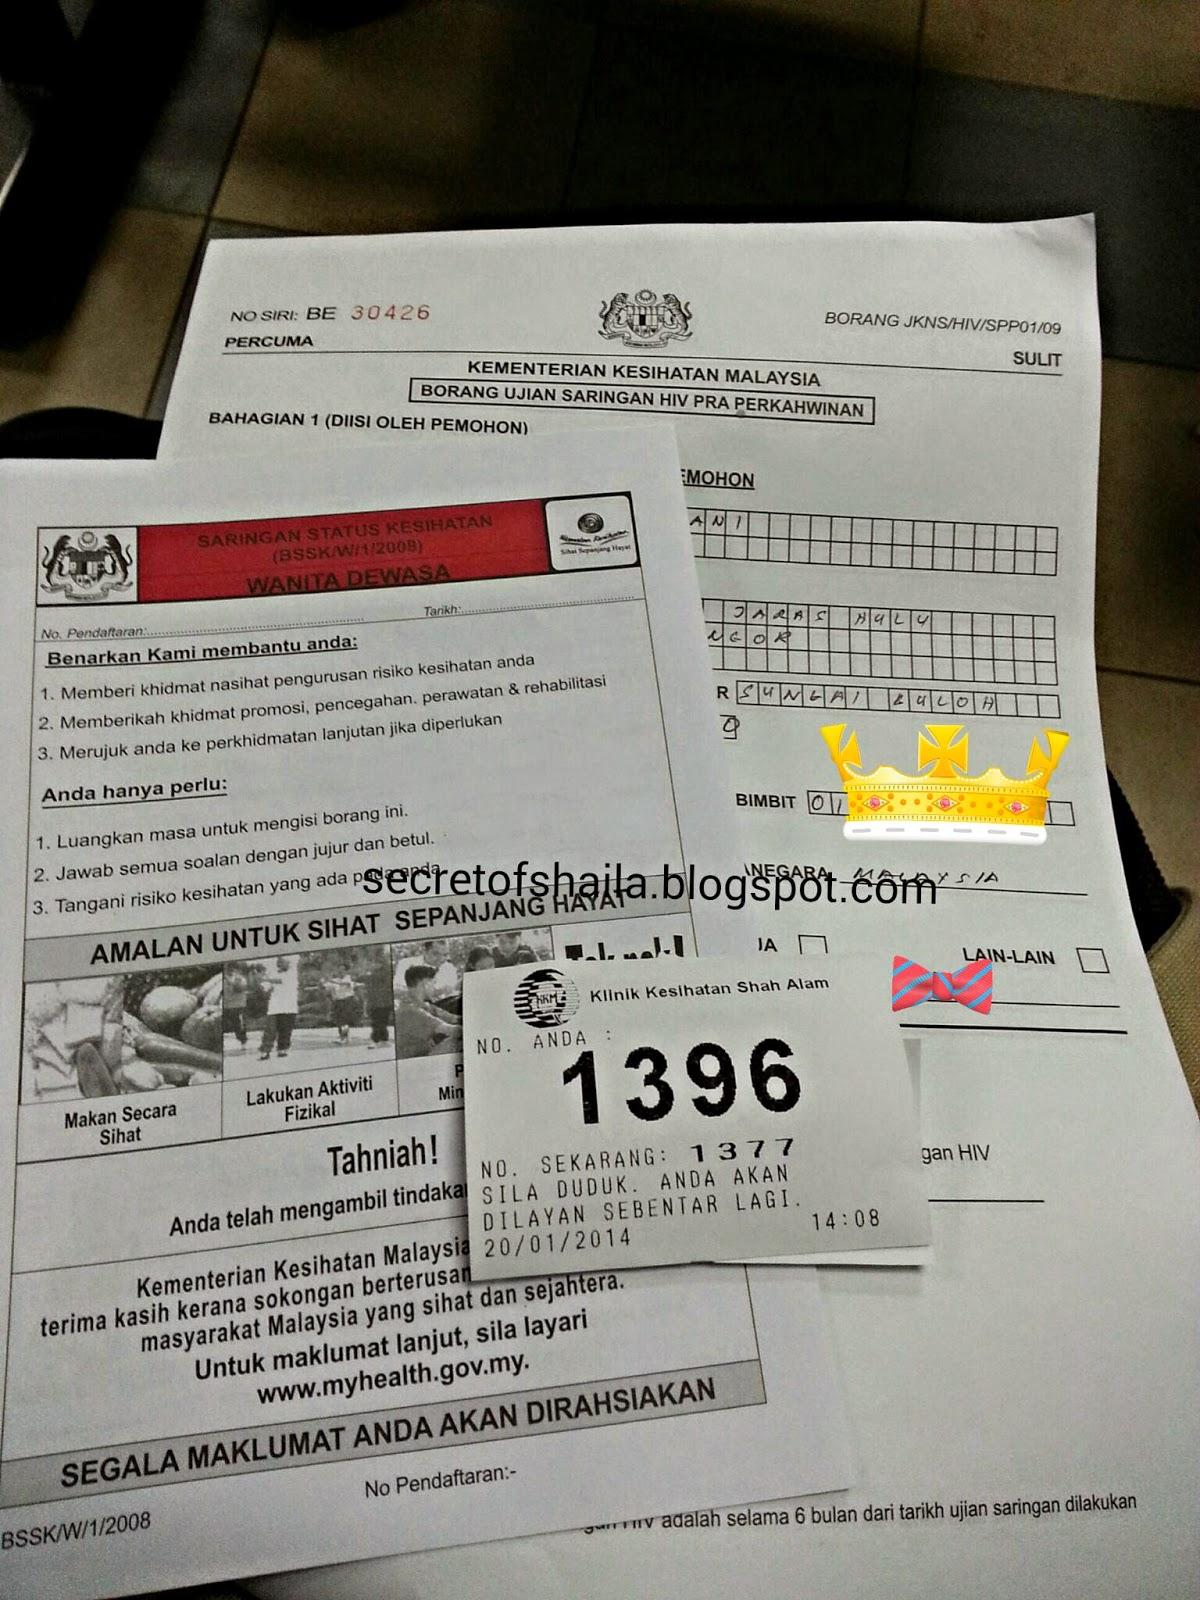 Shazillah Sani Ujian Saringan Hiv Untuk Pra Perkahwinan Di Selangor